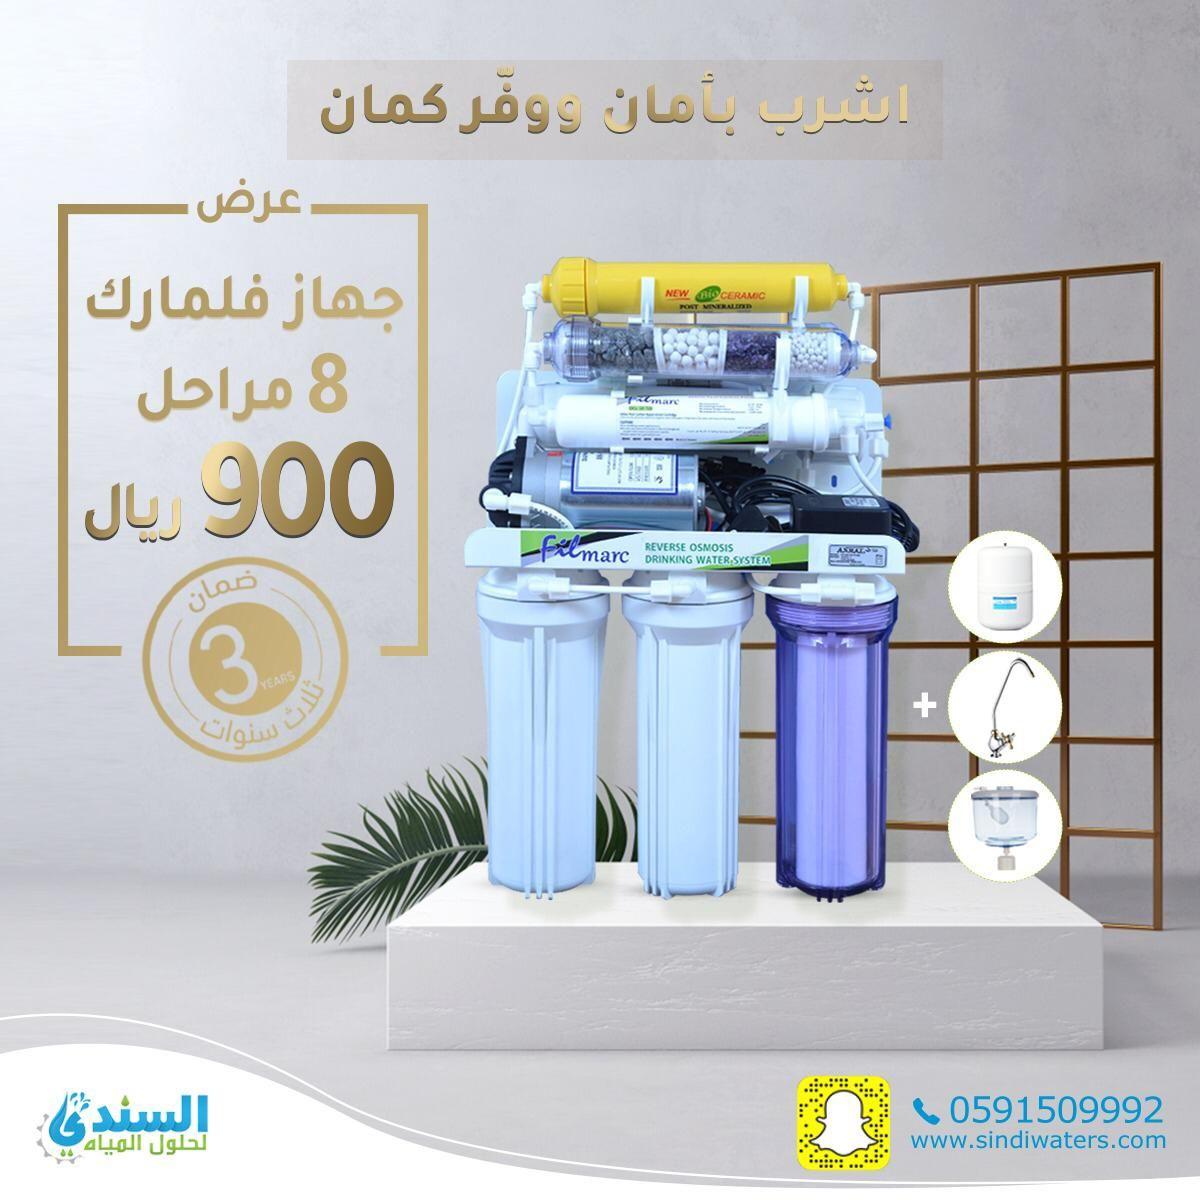 عرض جهاز التحلية المنزلي 8 مراحل فلمارك اطلب الان احد افضل اجهزة التحلية المنزلية في المملكة جهاز التحلية المنزلي 6 مراحل فلما In 2020 Decor Home Decor Decorative Jars